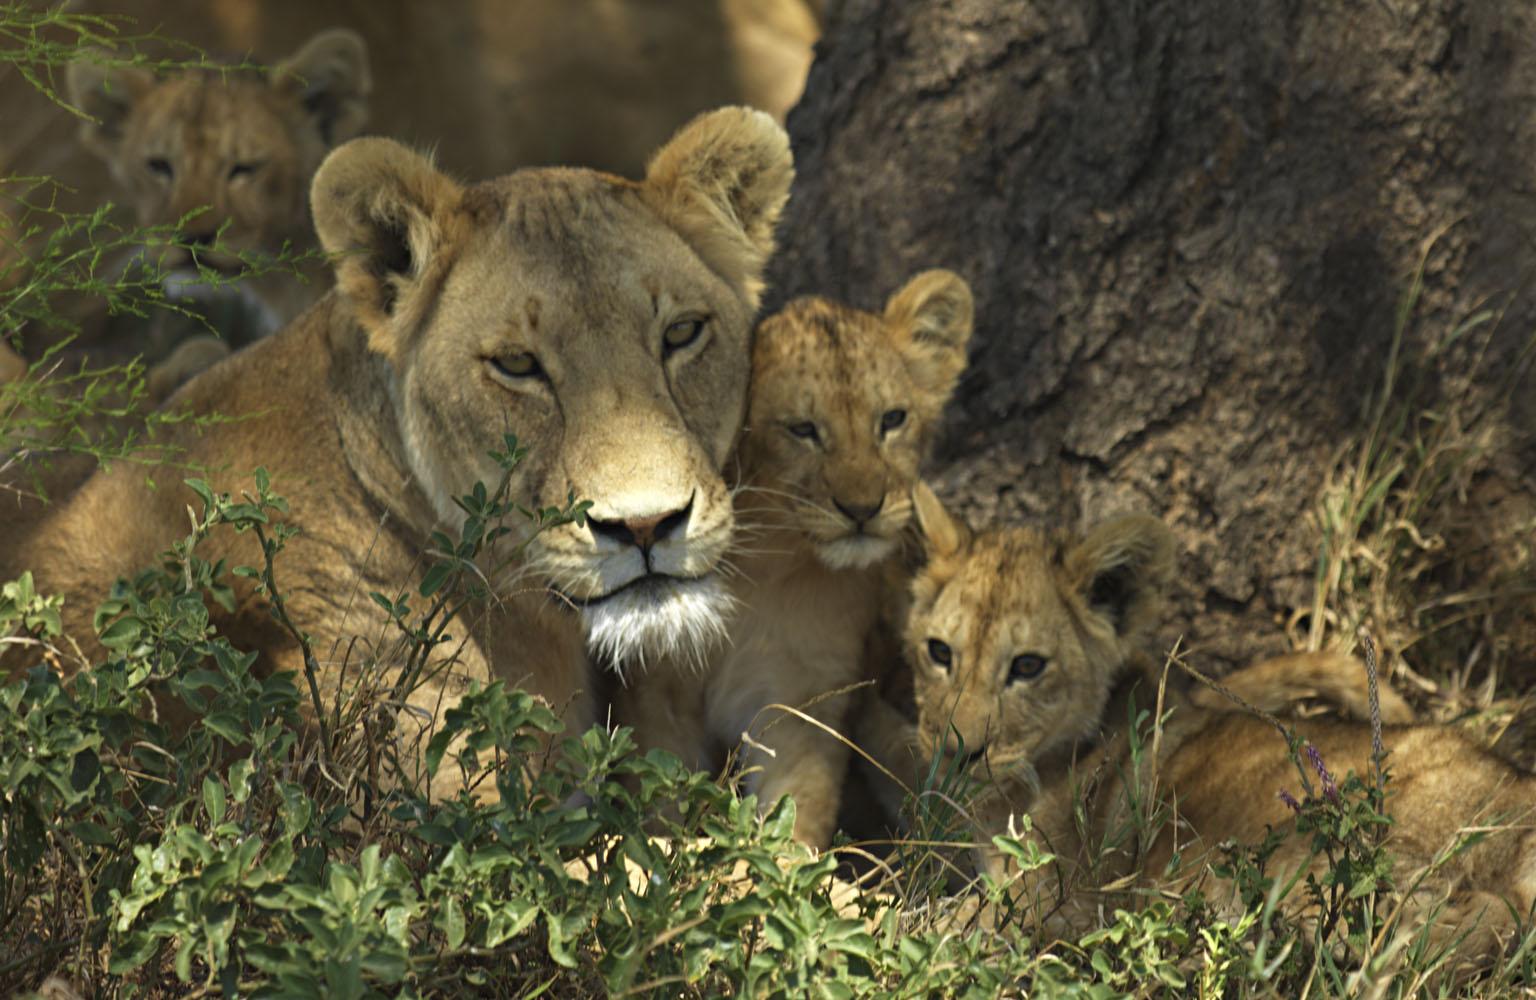 Seringueti tanzania - Turismo na África: 10 países imperdíveis que você precisa conhecer!